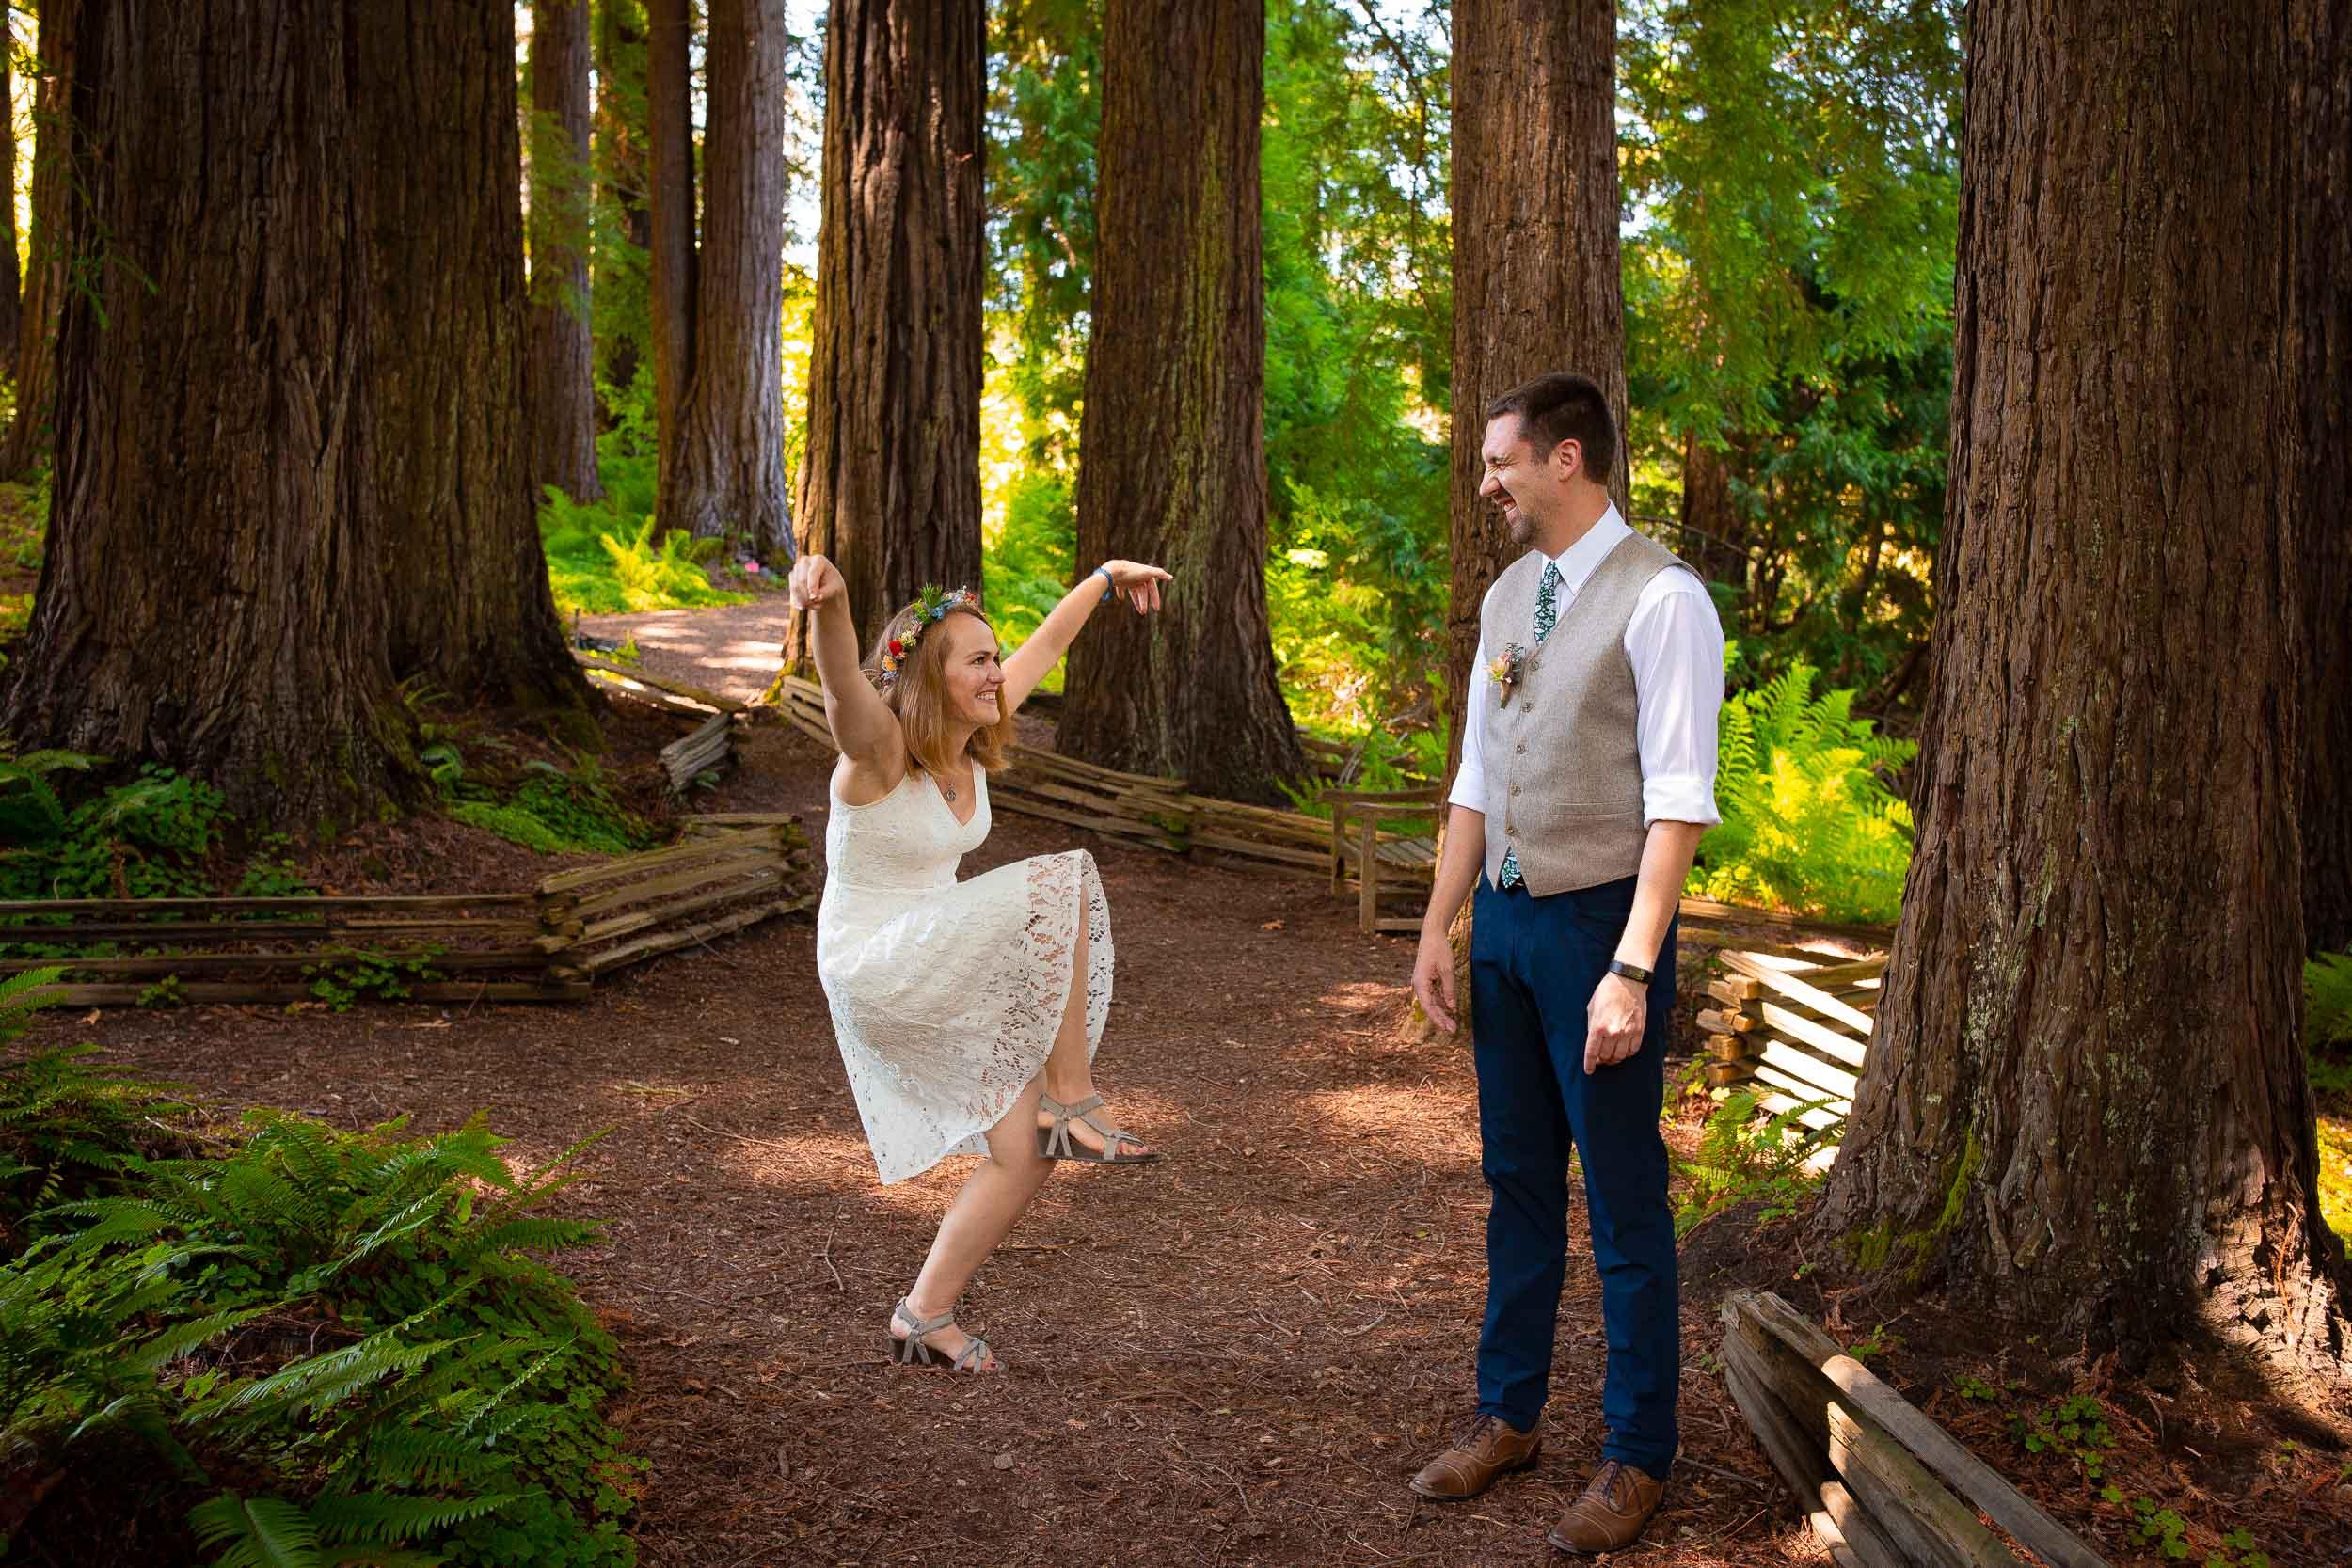 bride doing silly dance for groom at tilden botanical garden